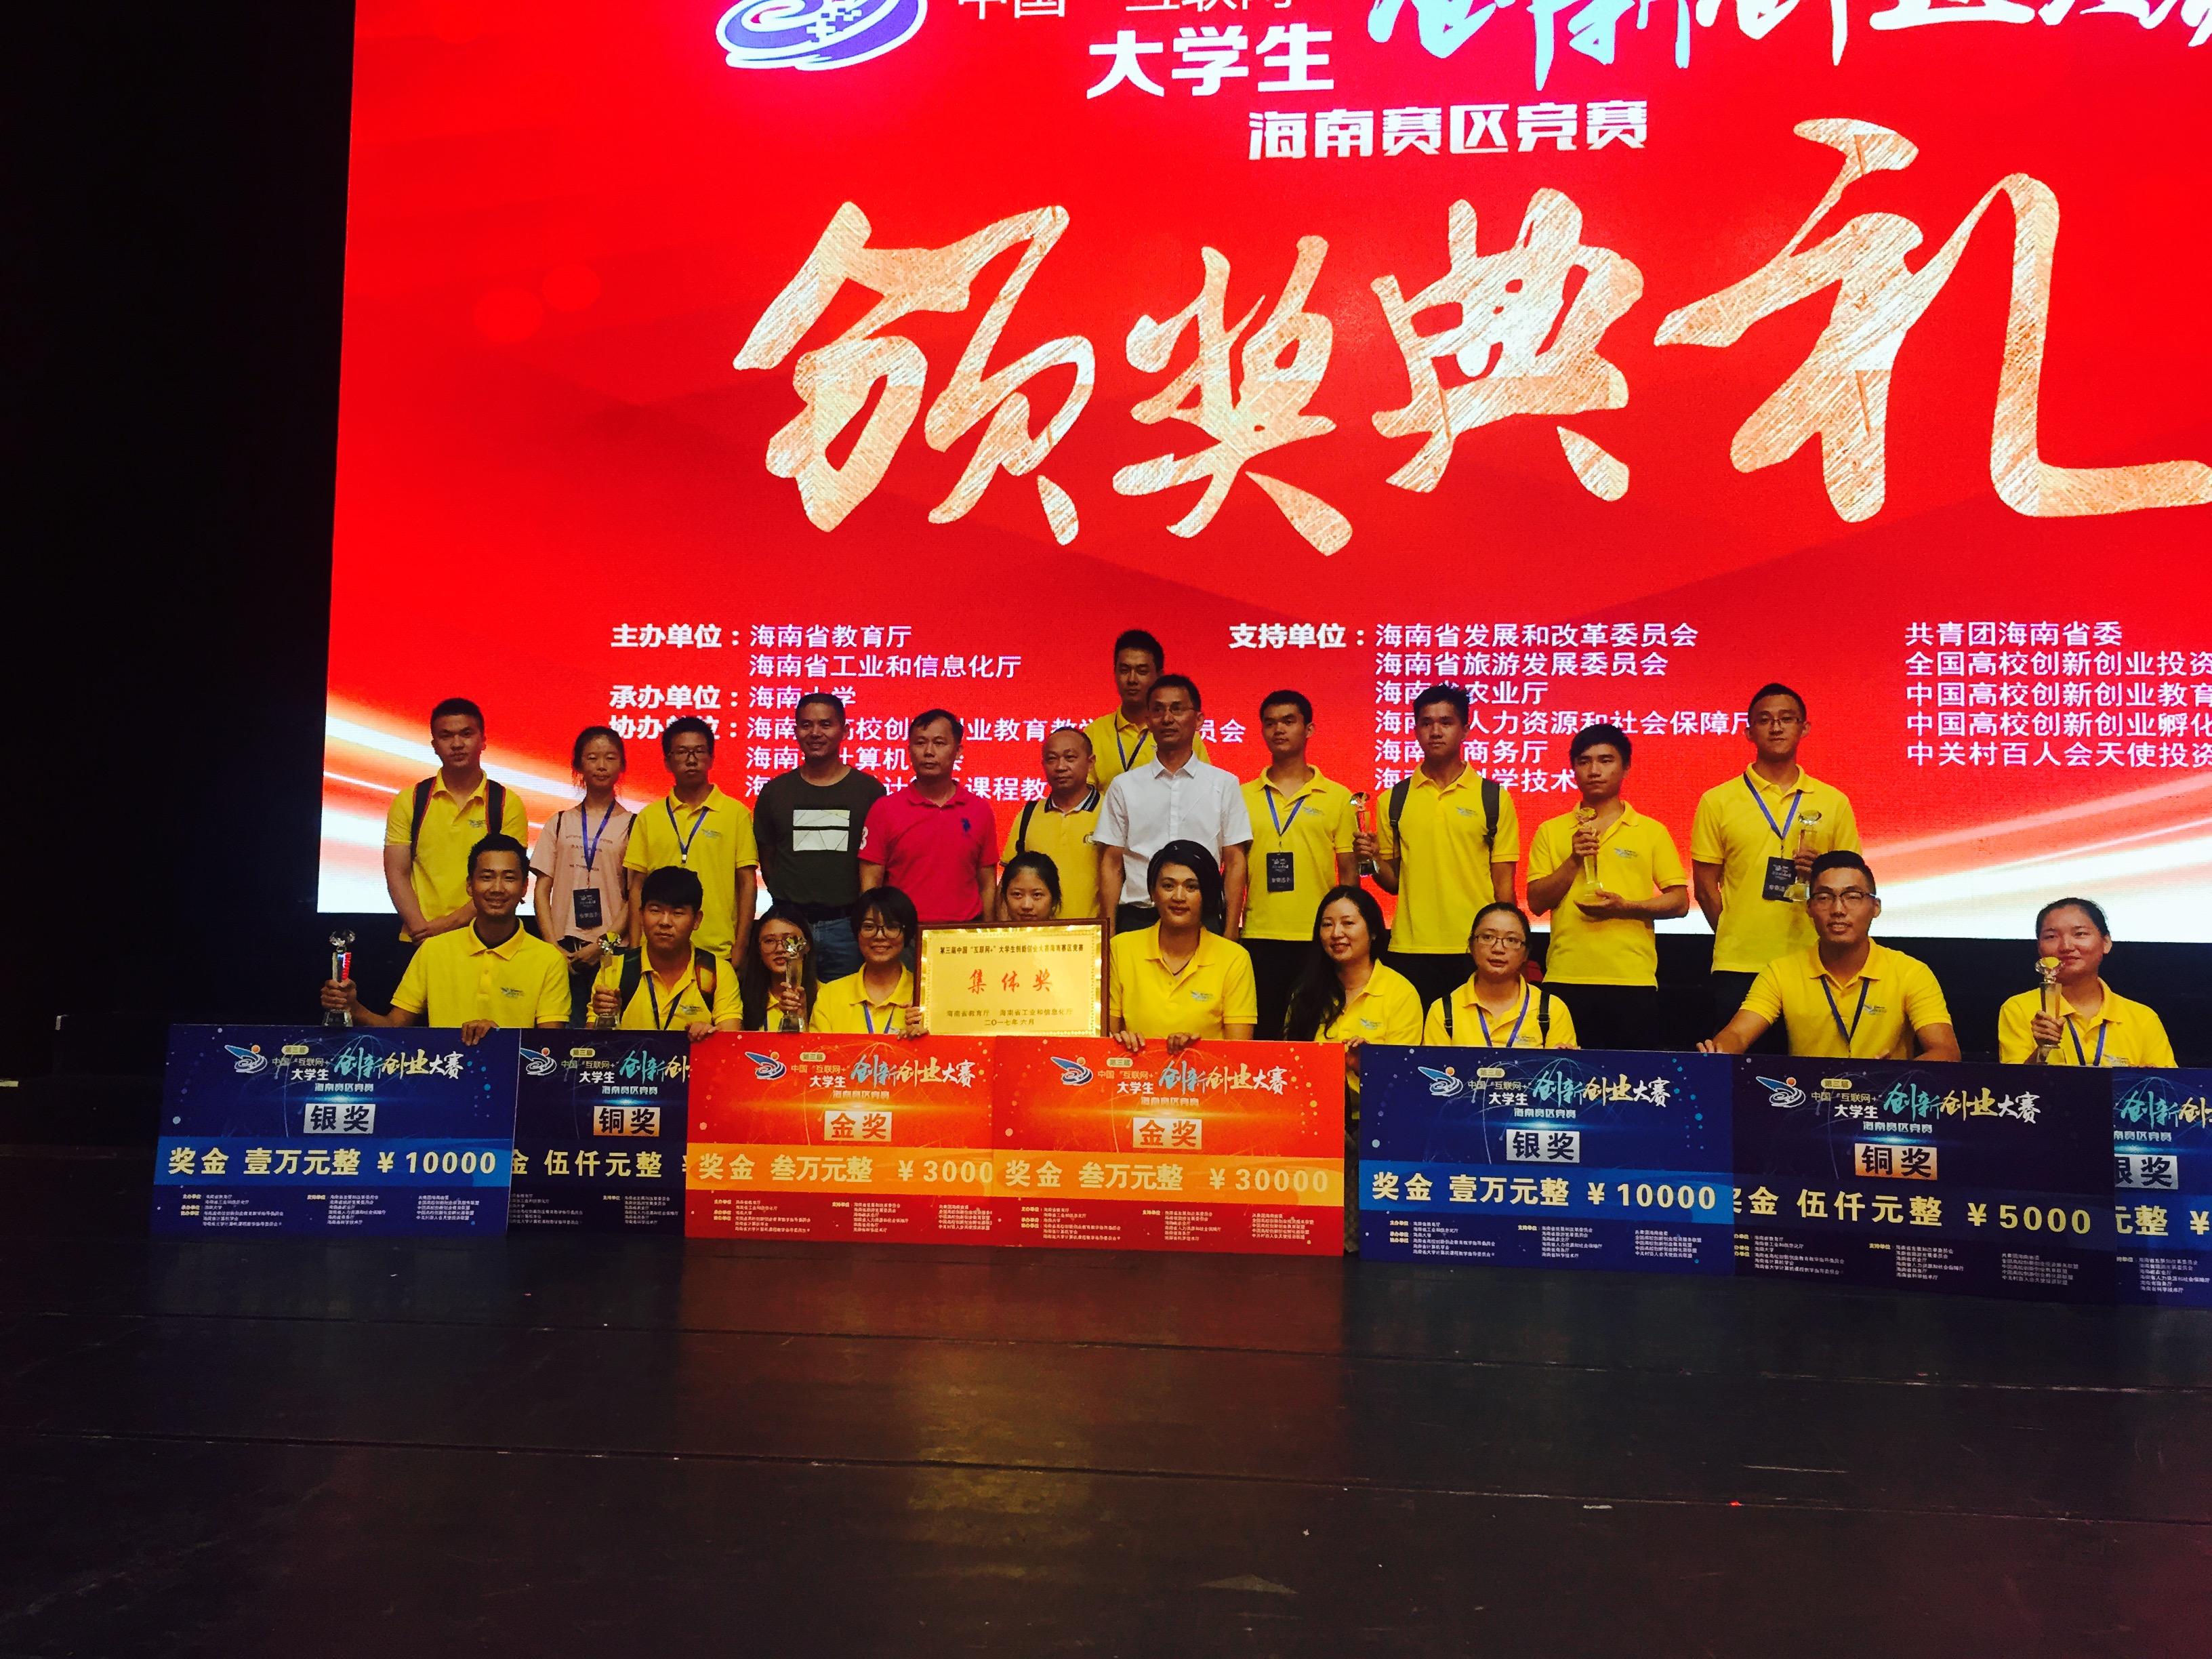 深圳大学生创业补贴政策和深户创业补贴政策2021流程_中国连锁加盟网